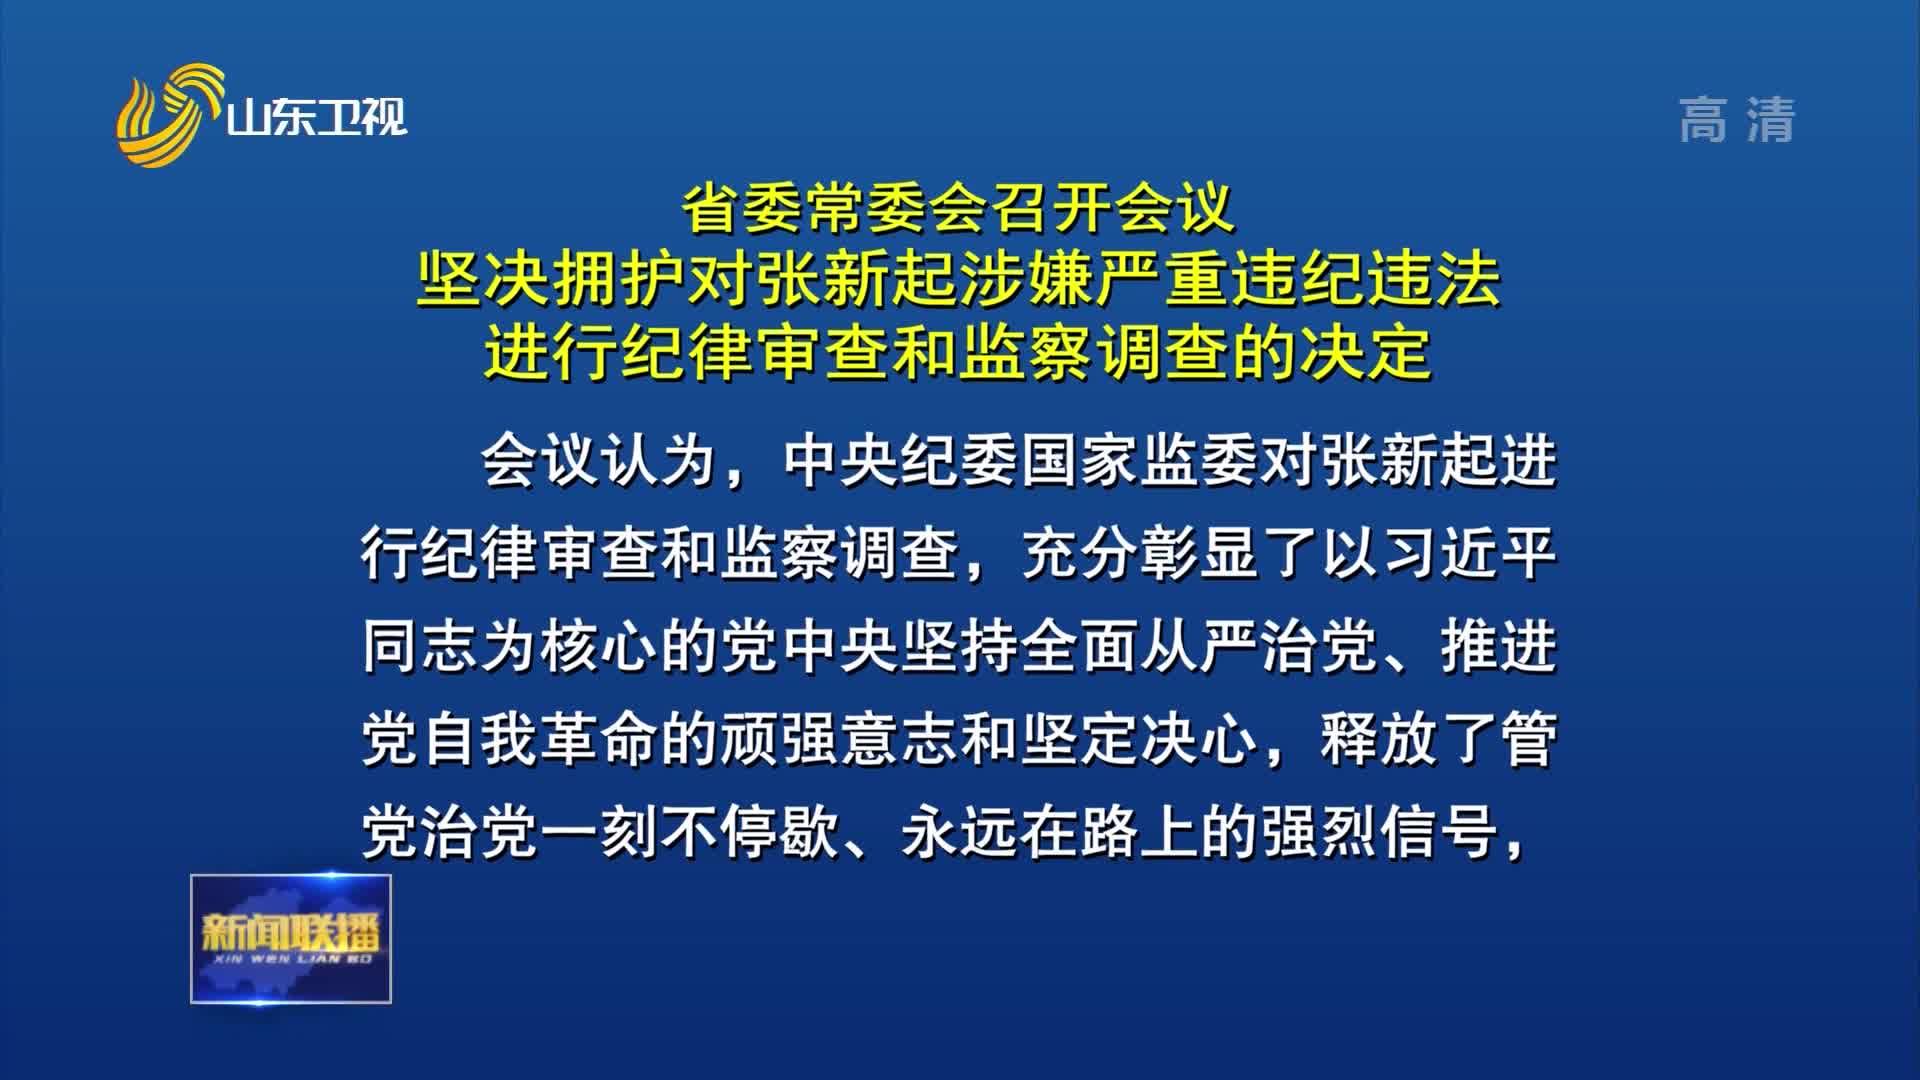 省委常委会召开会议 坚决拥护对张新起涉嫌严重违纪违法进行纪律审查和监察调查的决定